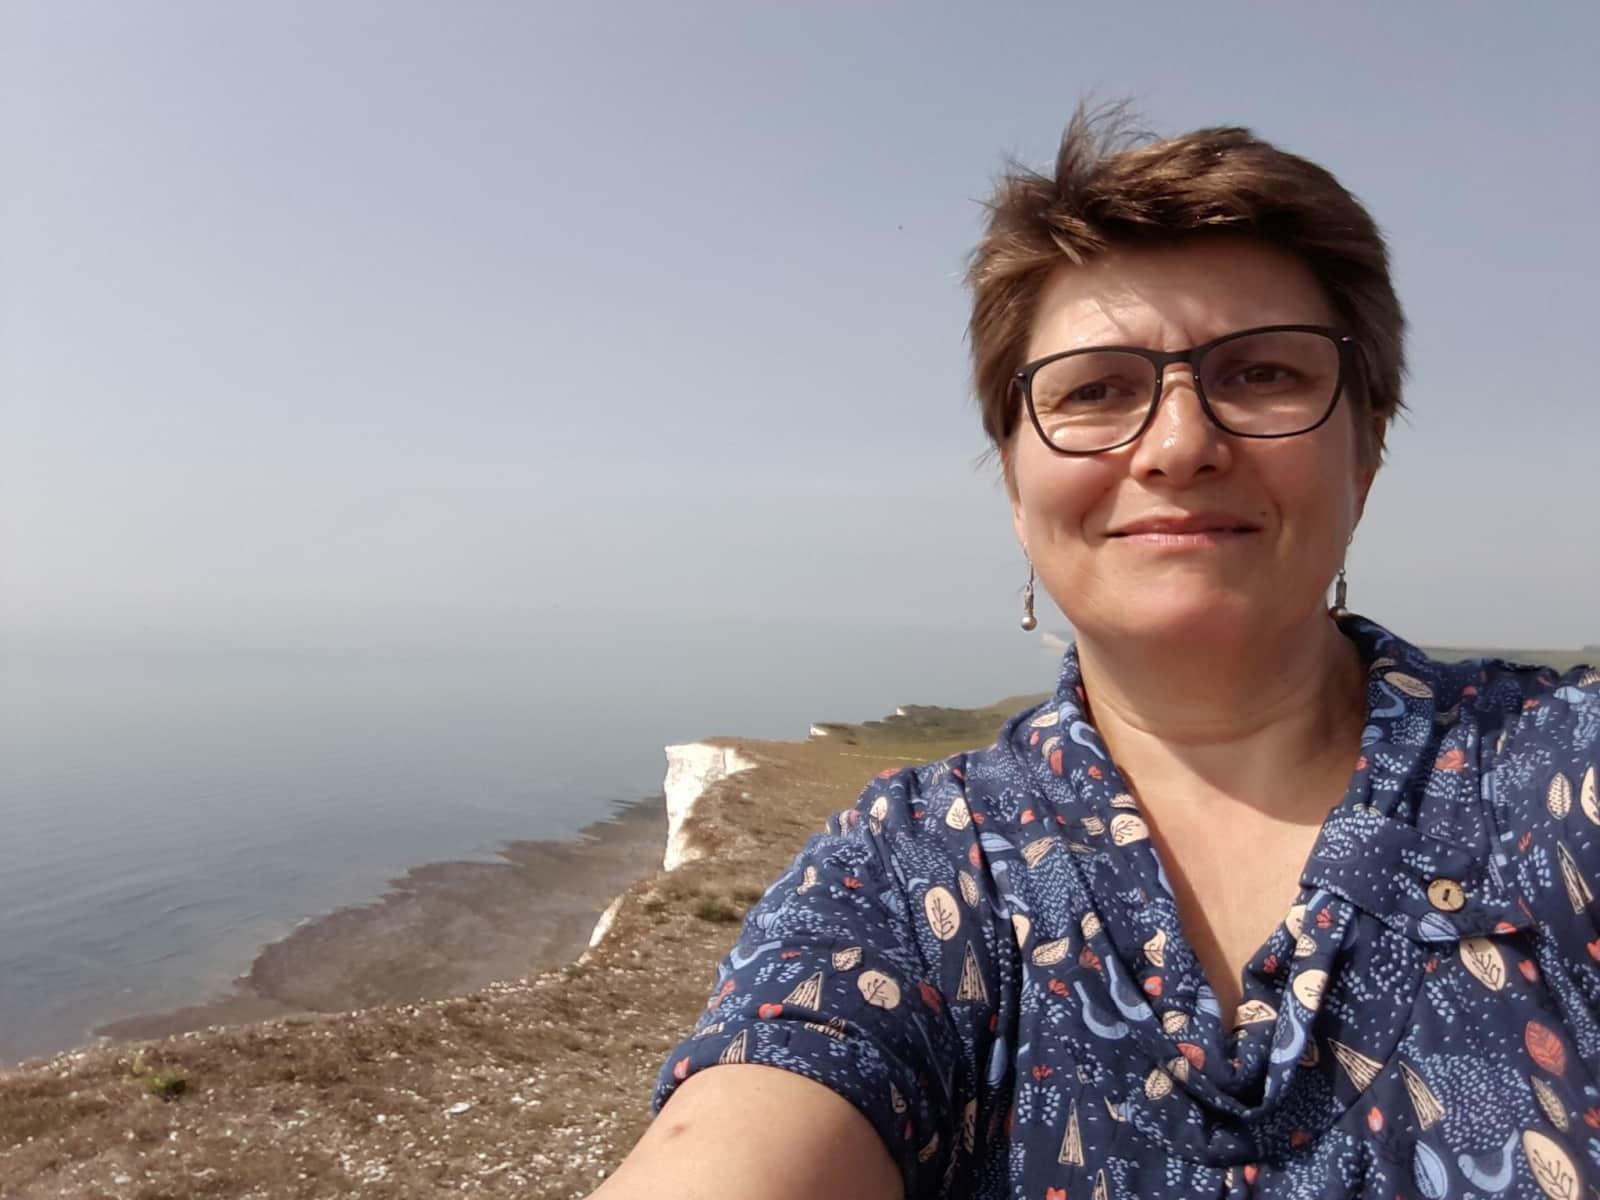 Barbara from Neuchâtel, Switzerland